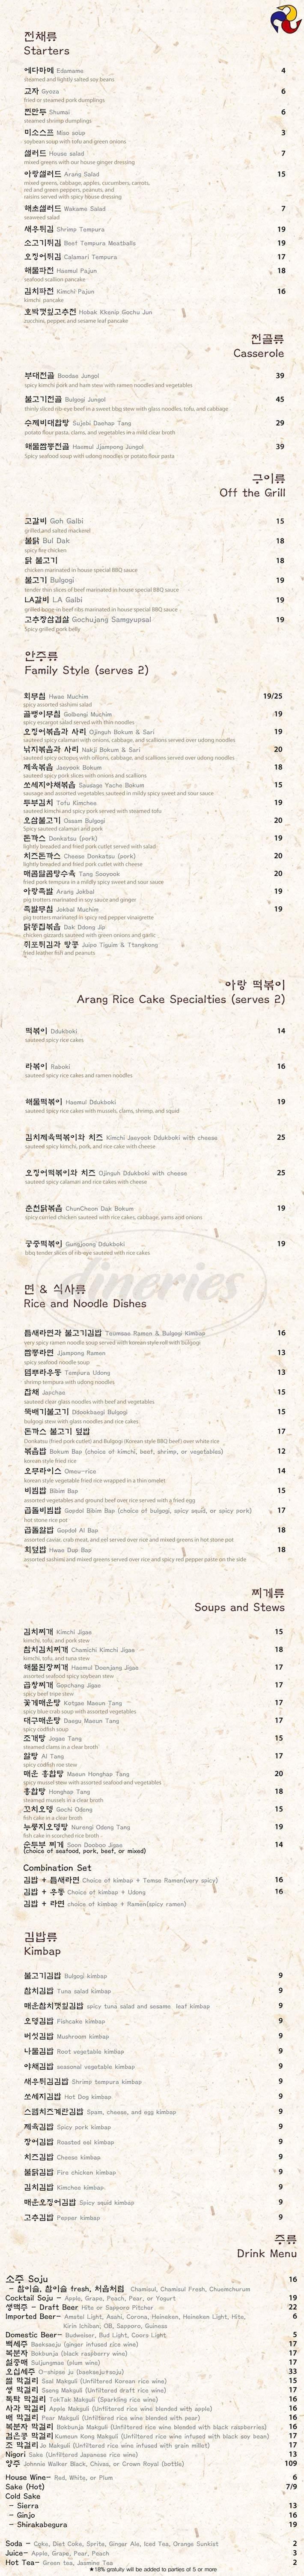 menu for Arang